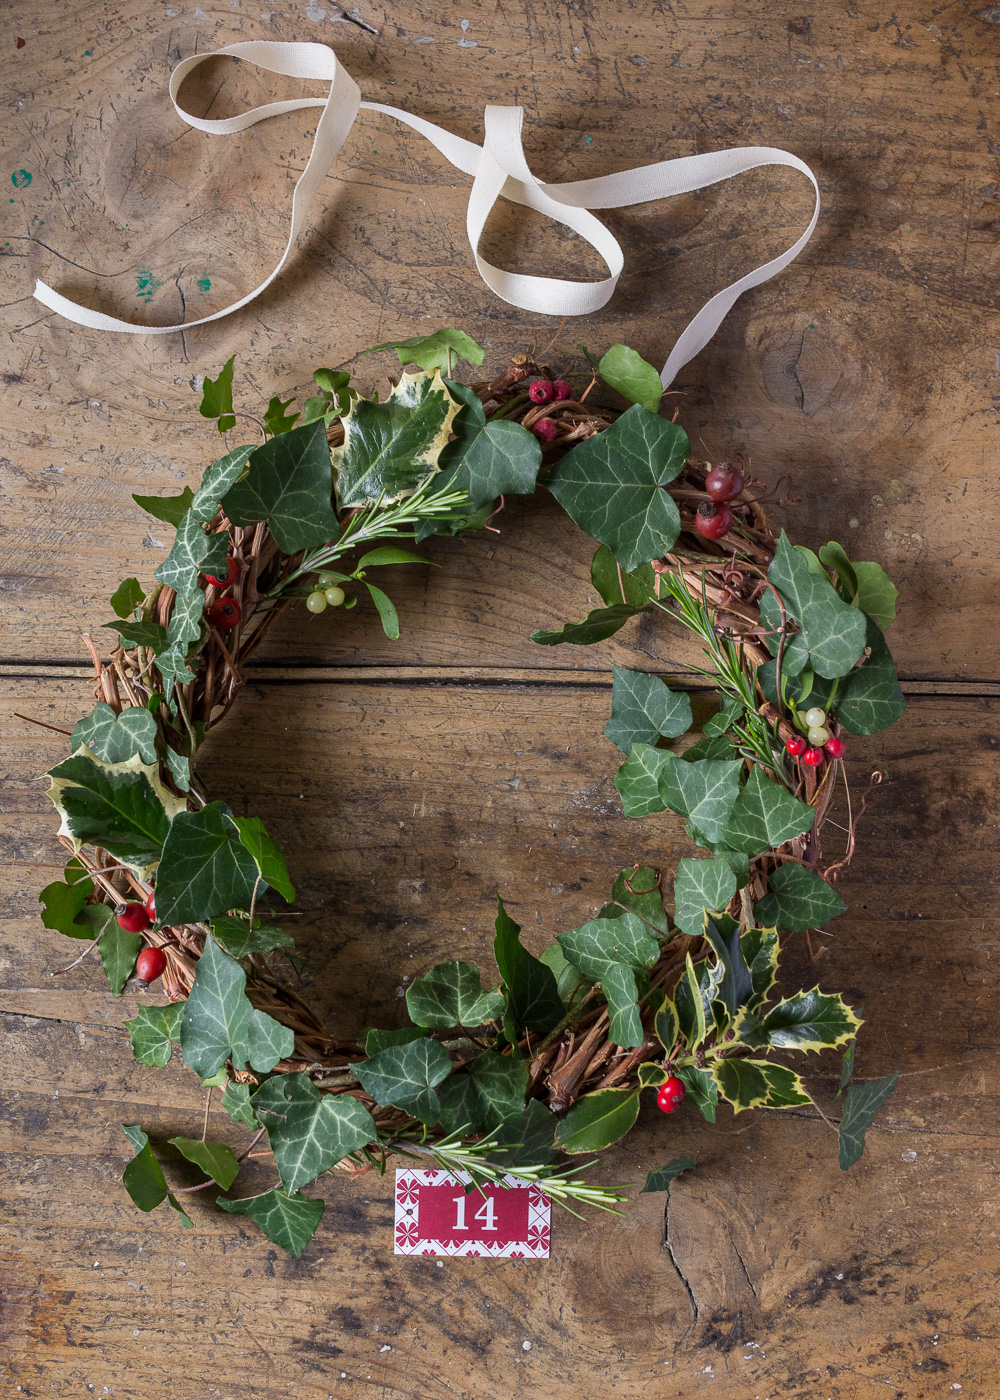 Calendario dell'Avvento - La ghirlanda di Natale - Un Natale di tradizioni - Lily&SageDesign